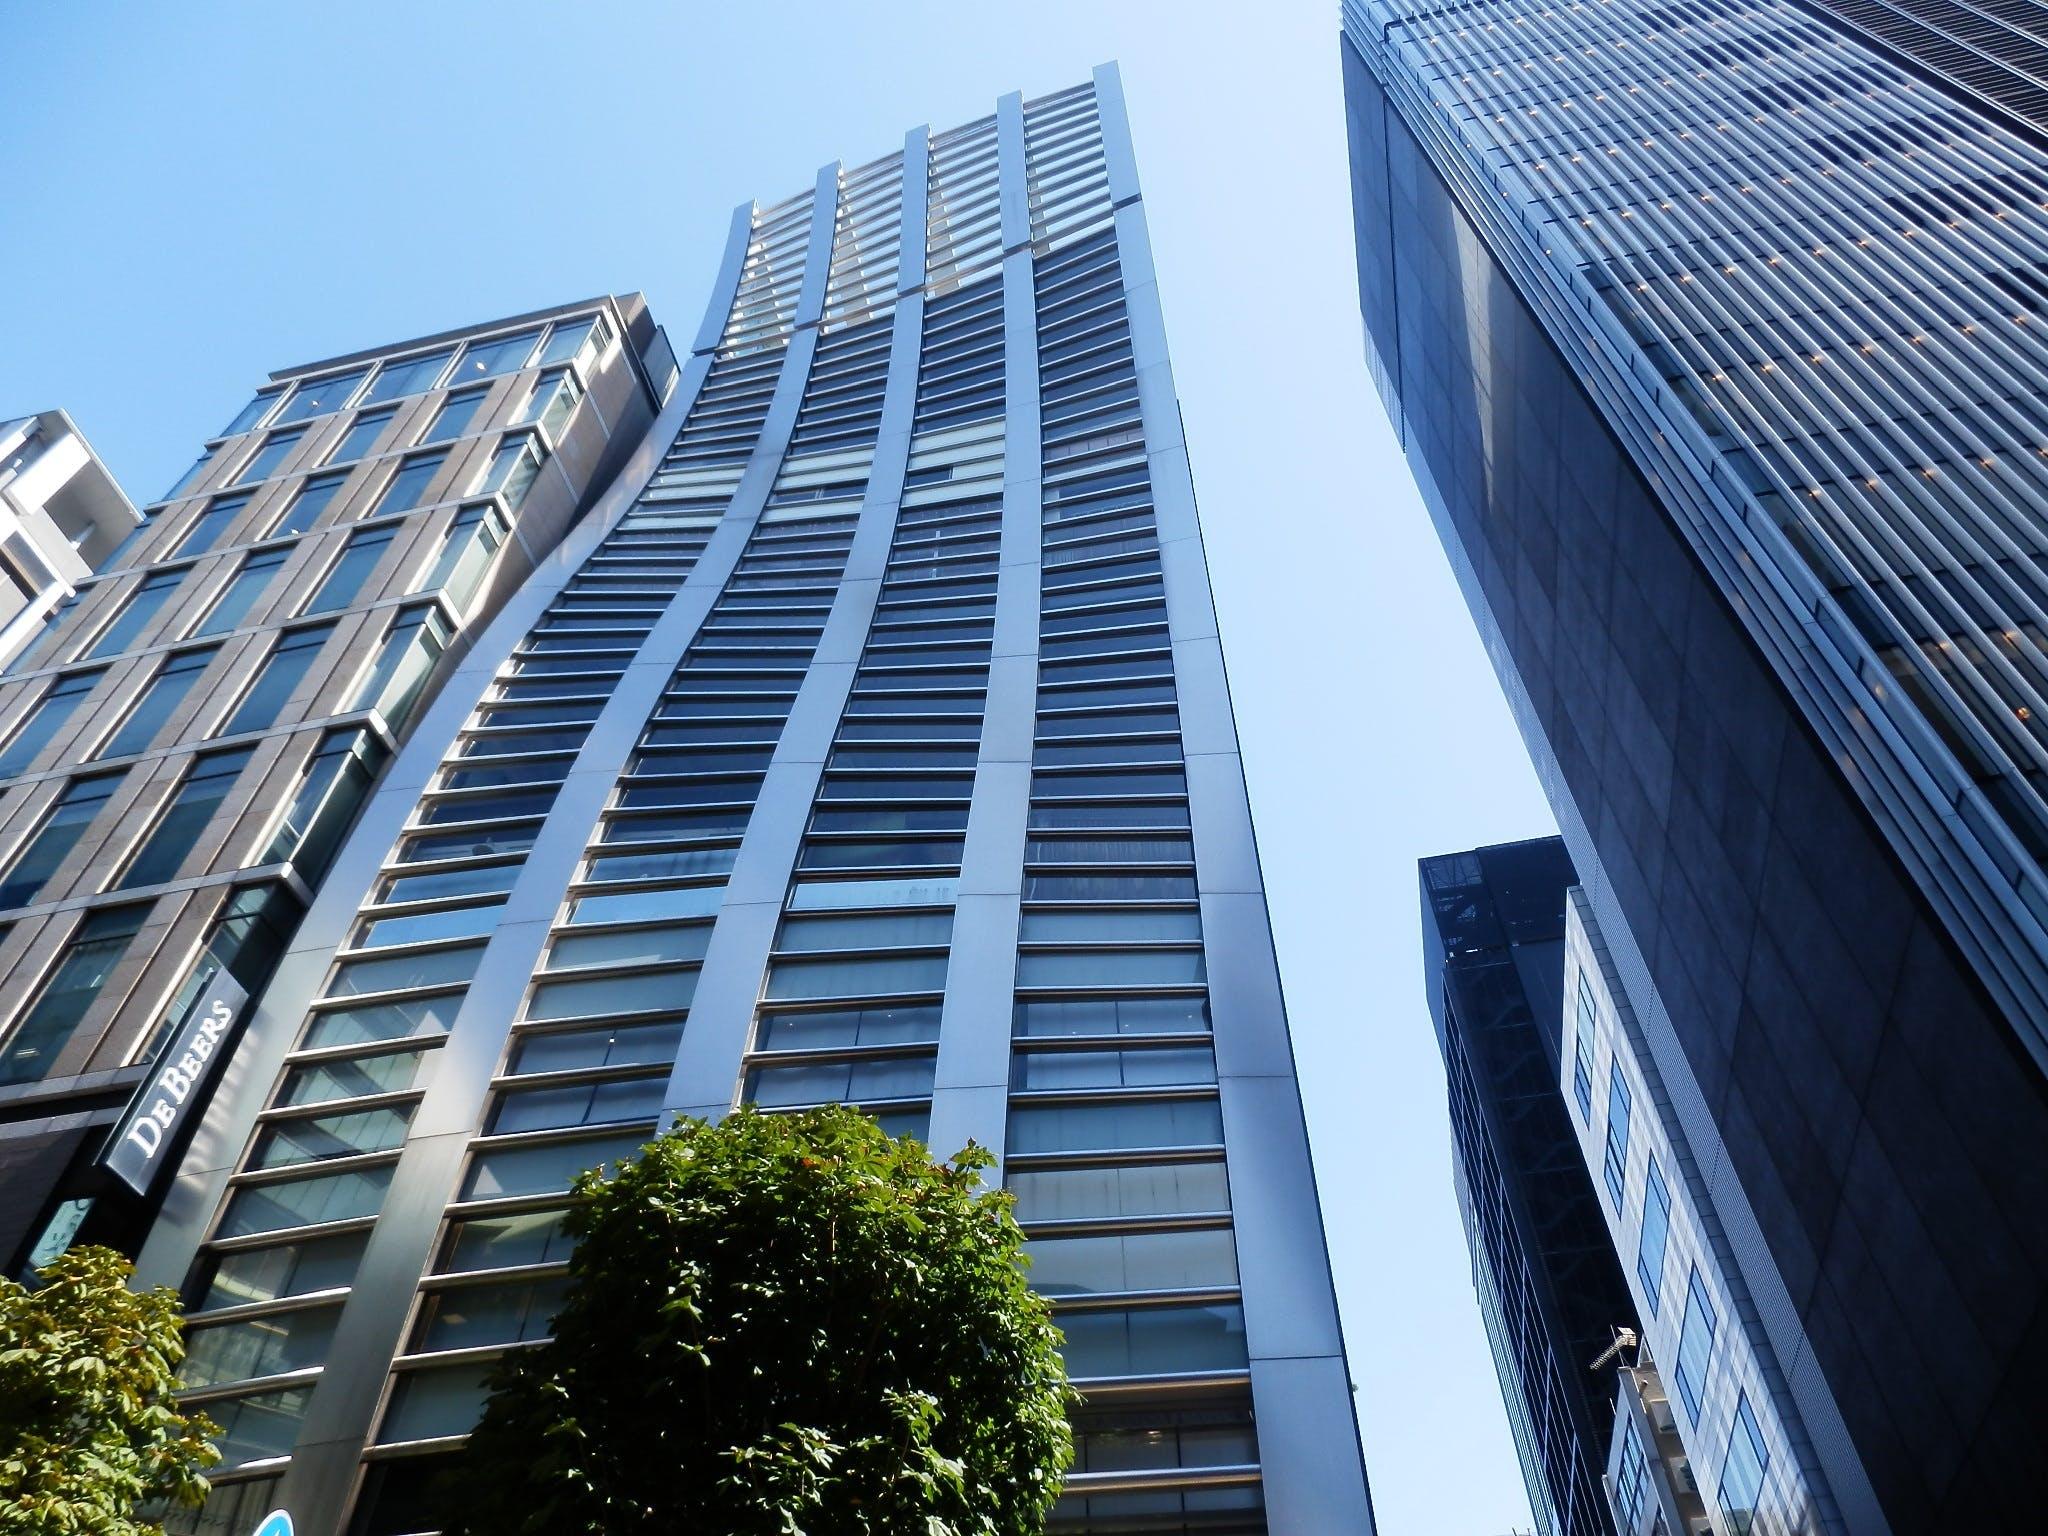 Concrete Buildings Under Blue Sky